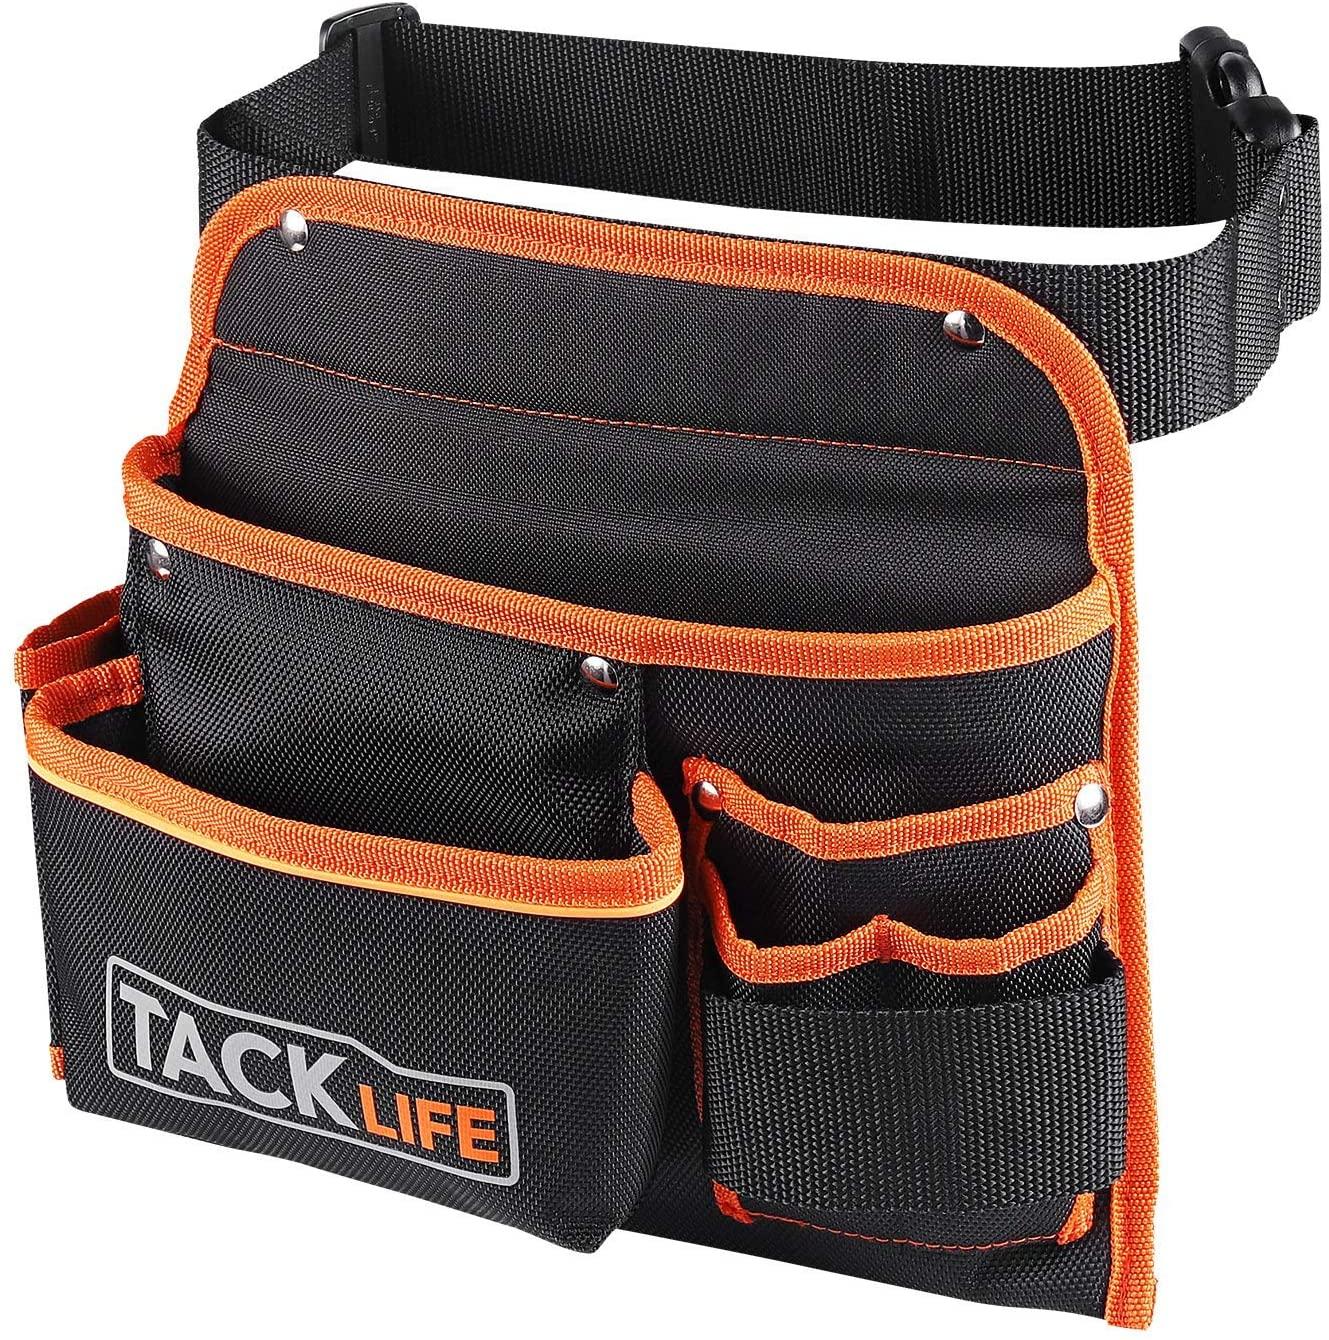 Cinturón de herramientas TackLife